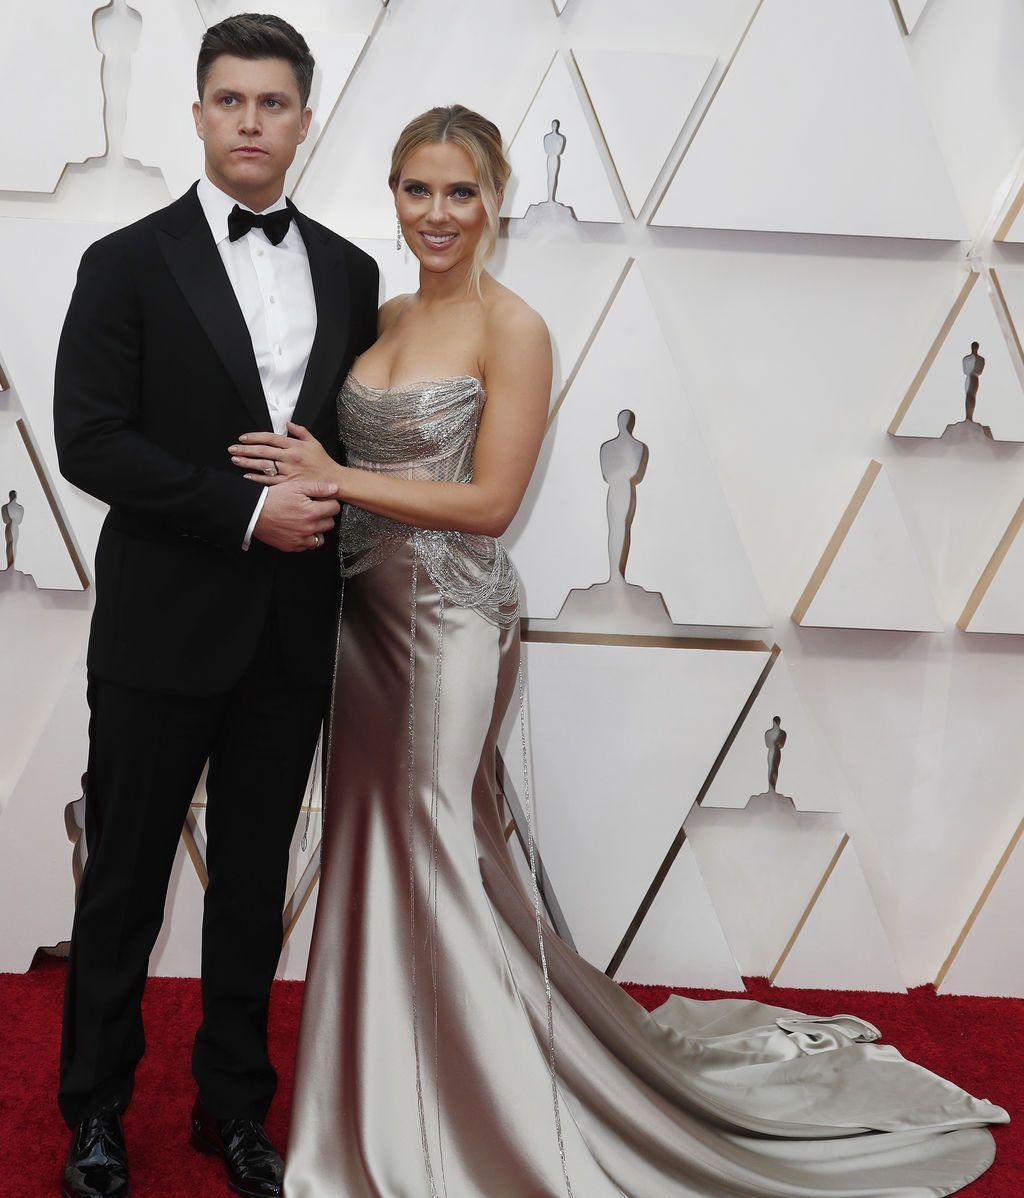 Scarlett Johansson y Colin Jos posan en la alfombra roja de los Premios Óscar 2020